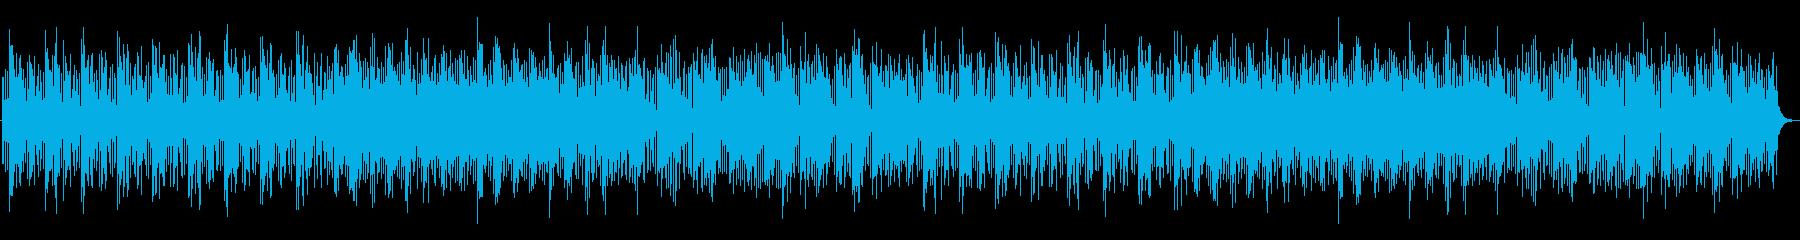 ファンタジーで暗めなメロディーの再生済みの波形